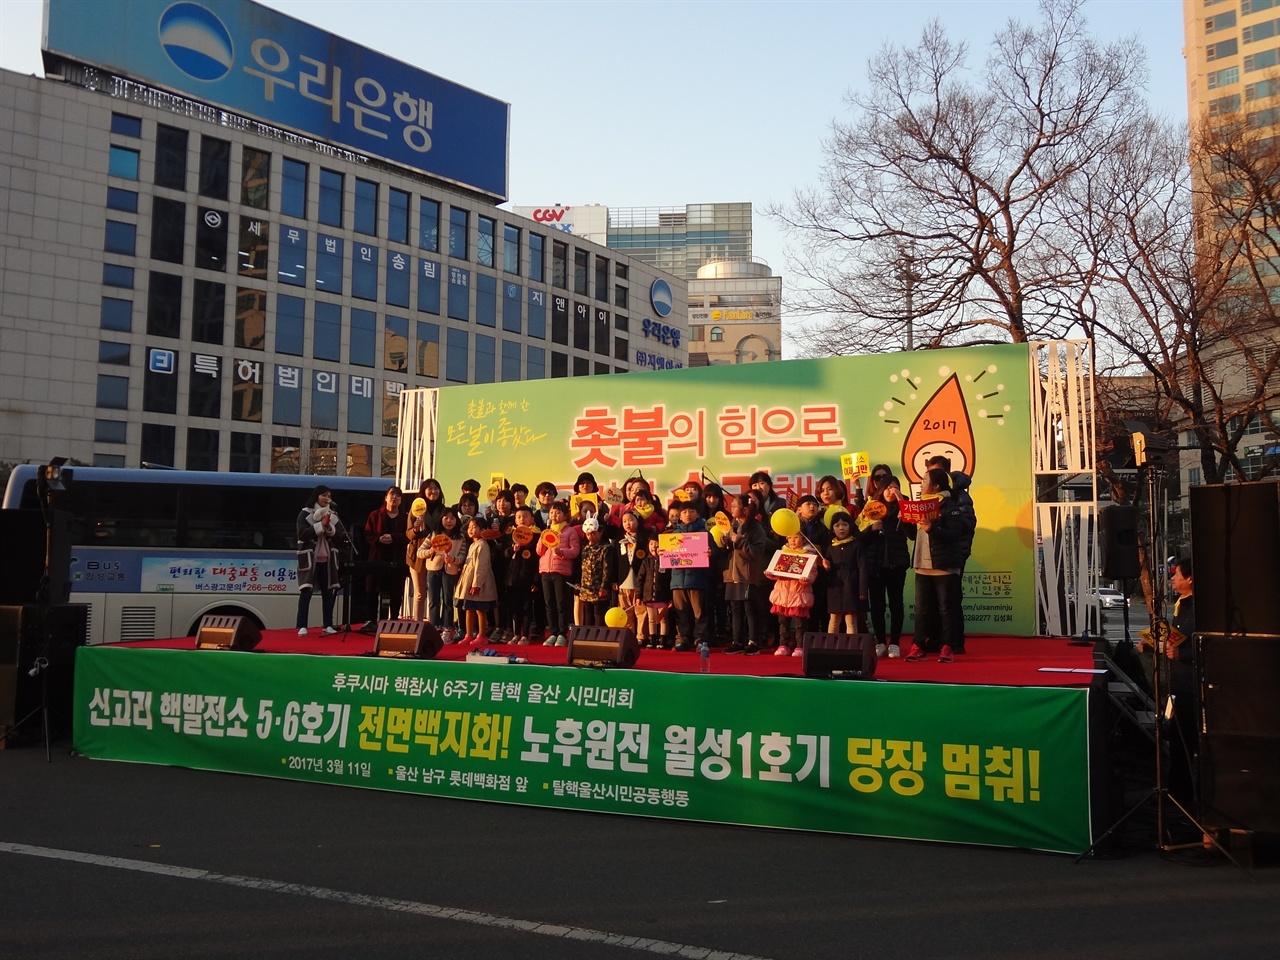 어린이 합창공연 2017년 3월 11일 <탈핵울산시민대회>중에서 어린이 합창 공연을 하였다.